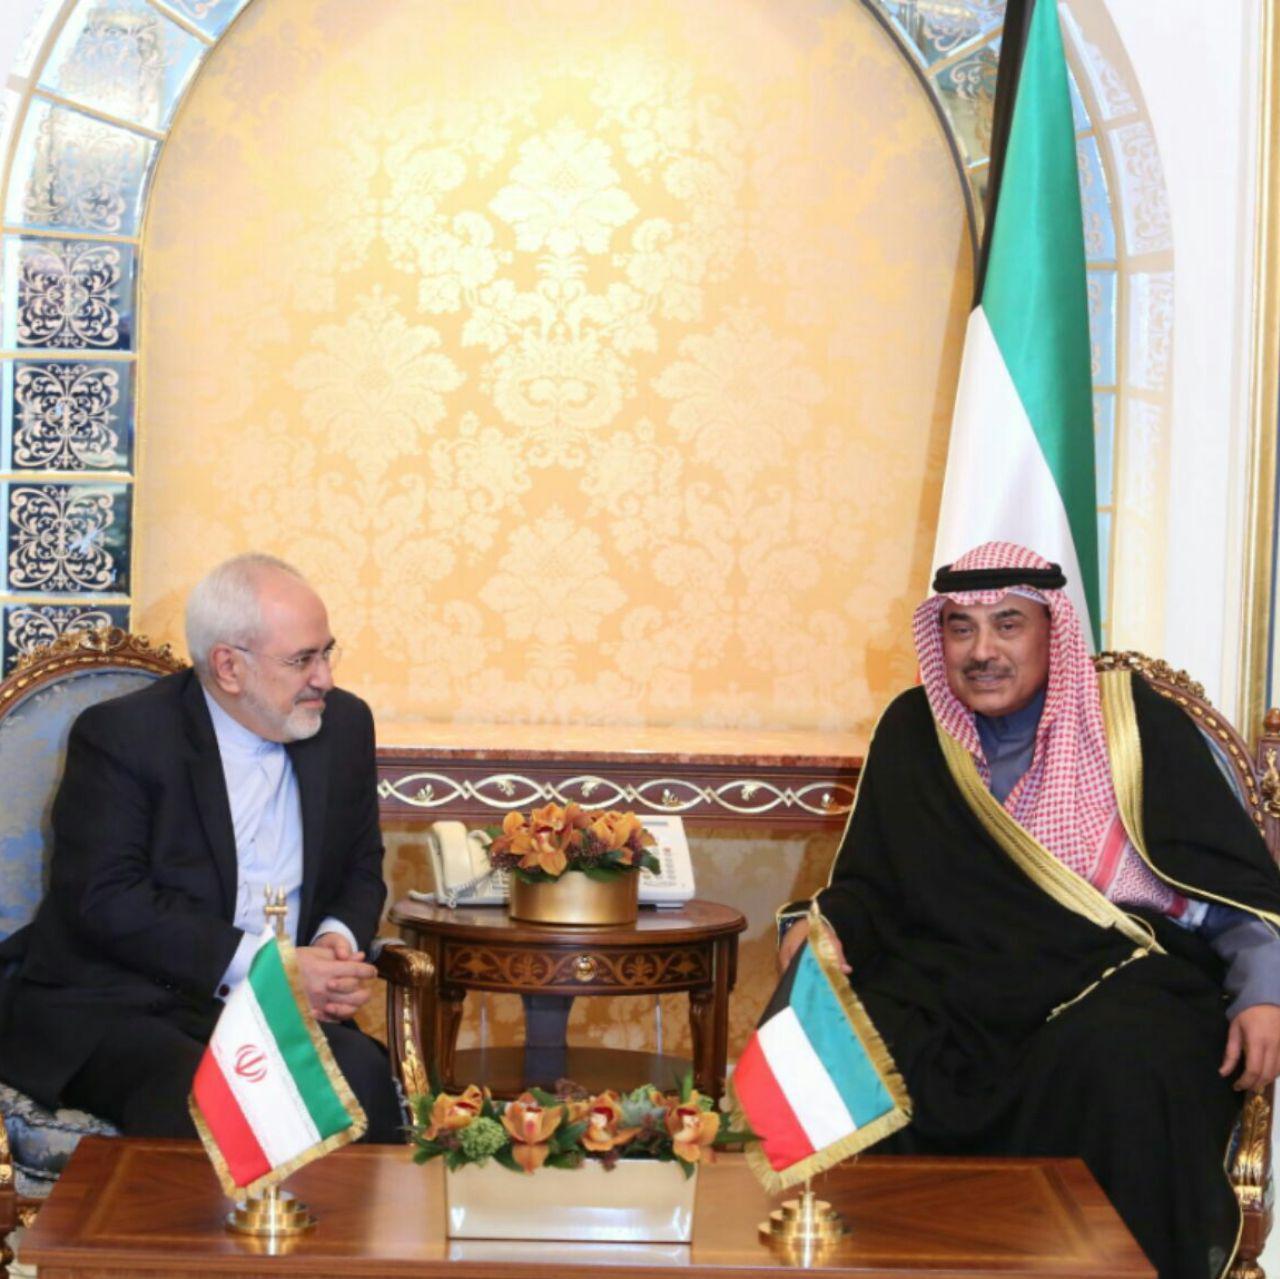 دیدار ظریف با وزیر خارجه کویت در حاشیه کنفرانس باسازی عراق